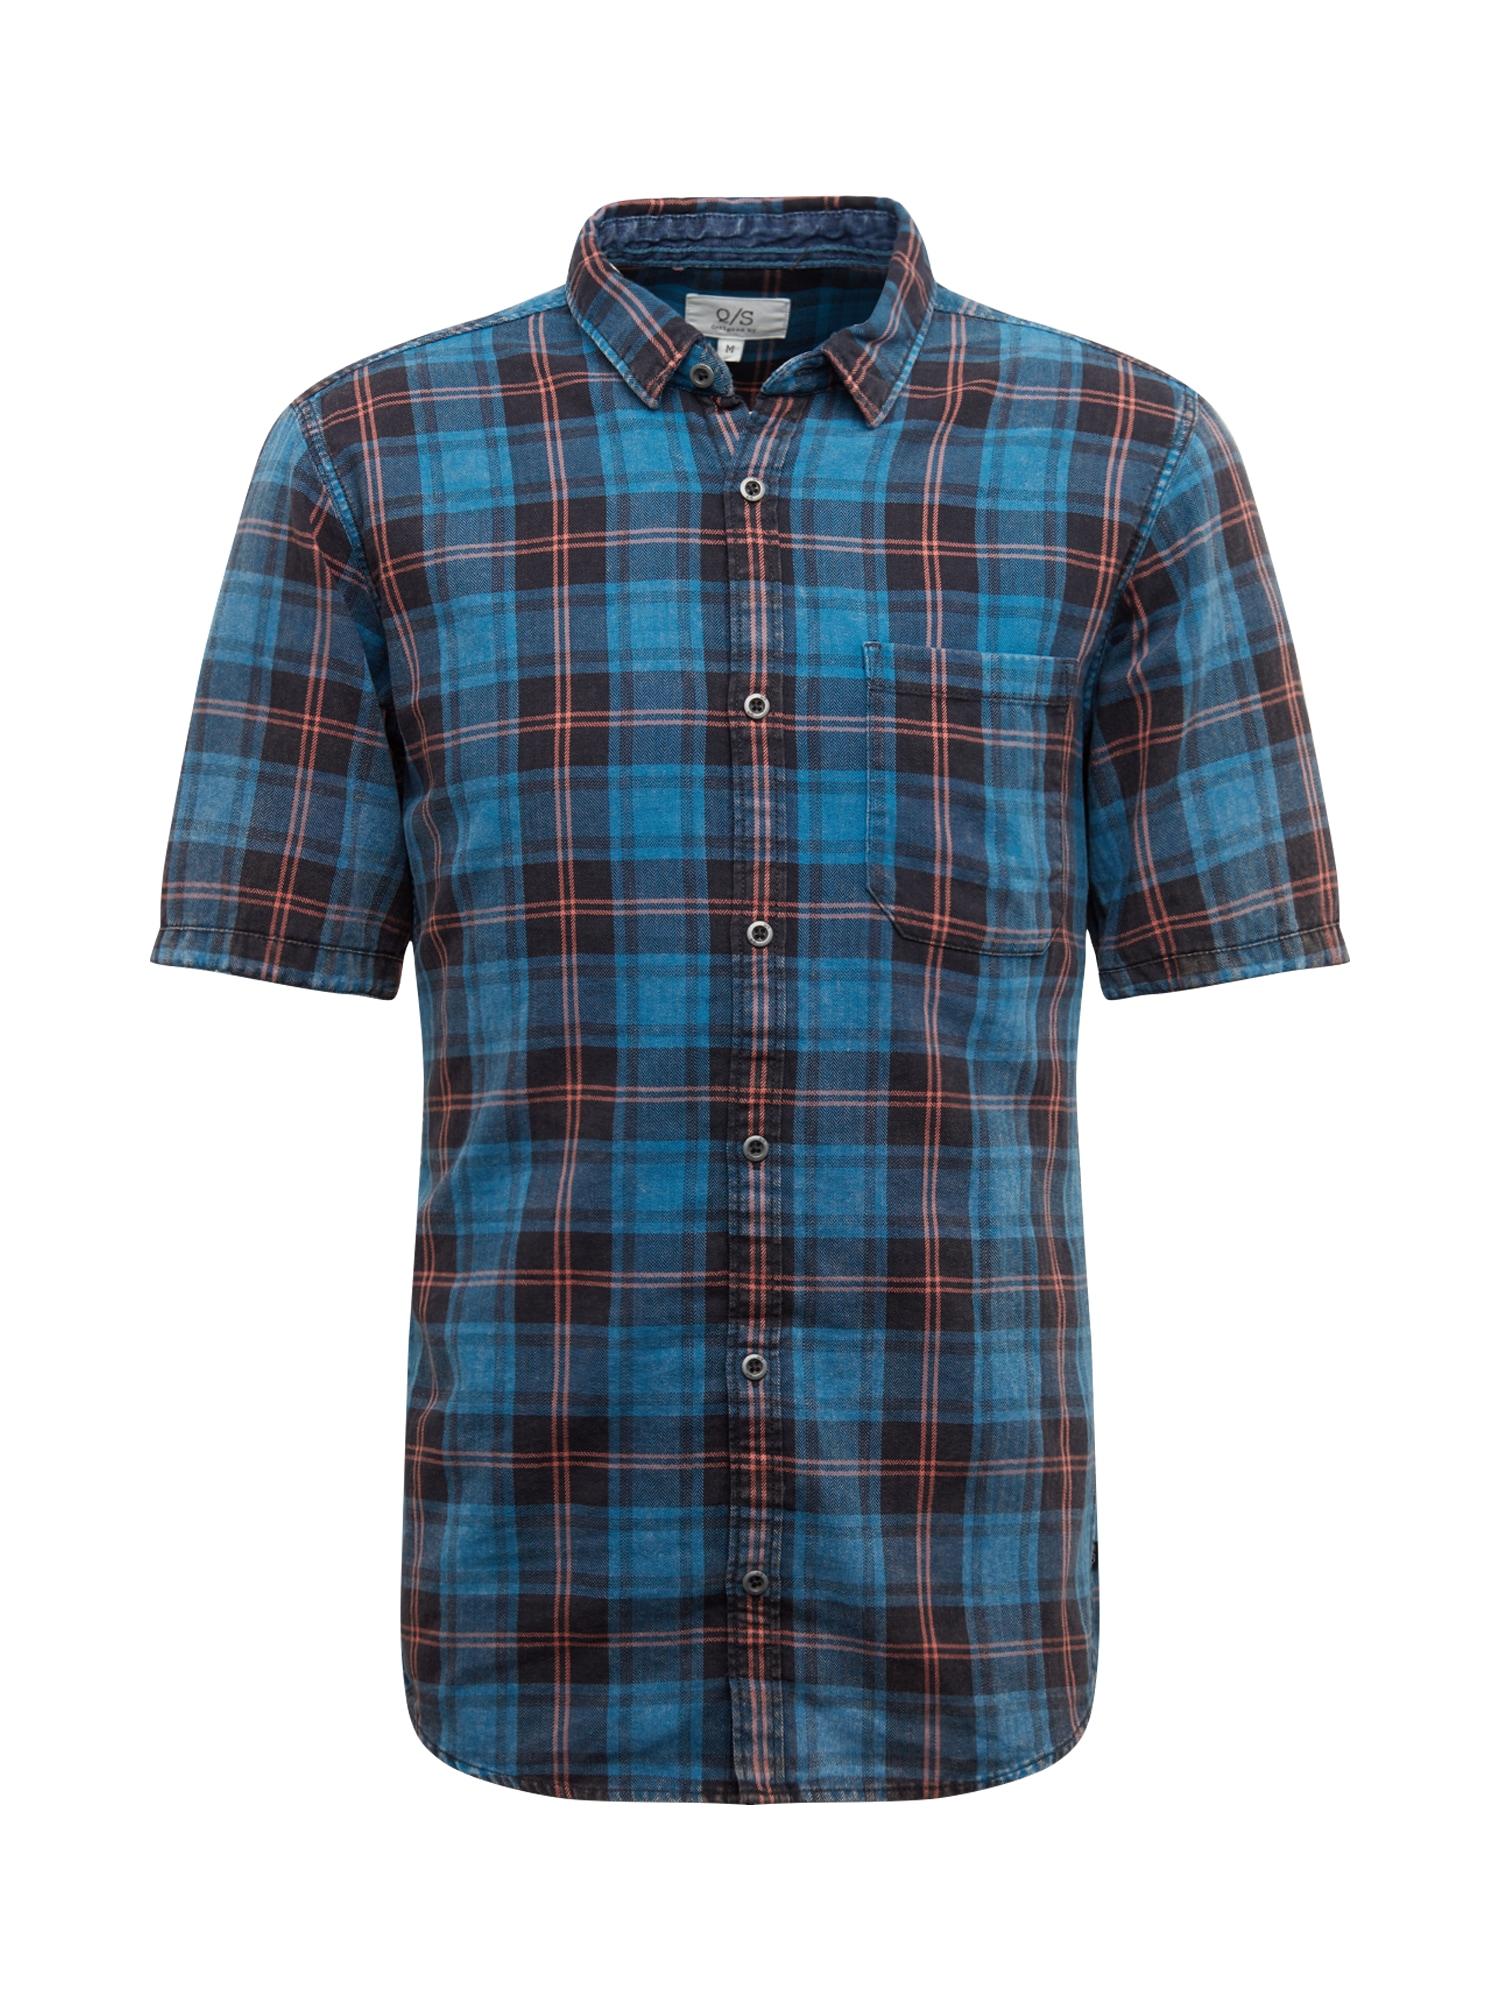 Q/S designed by Dalykiniai marškiniai raudona / mėlyna